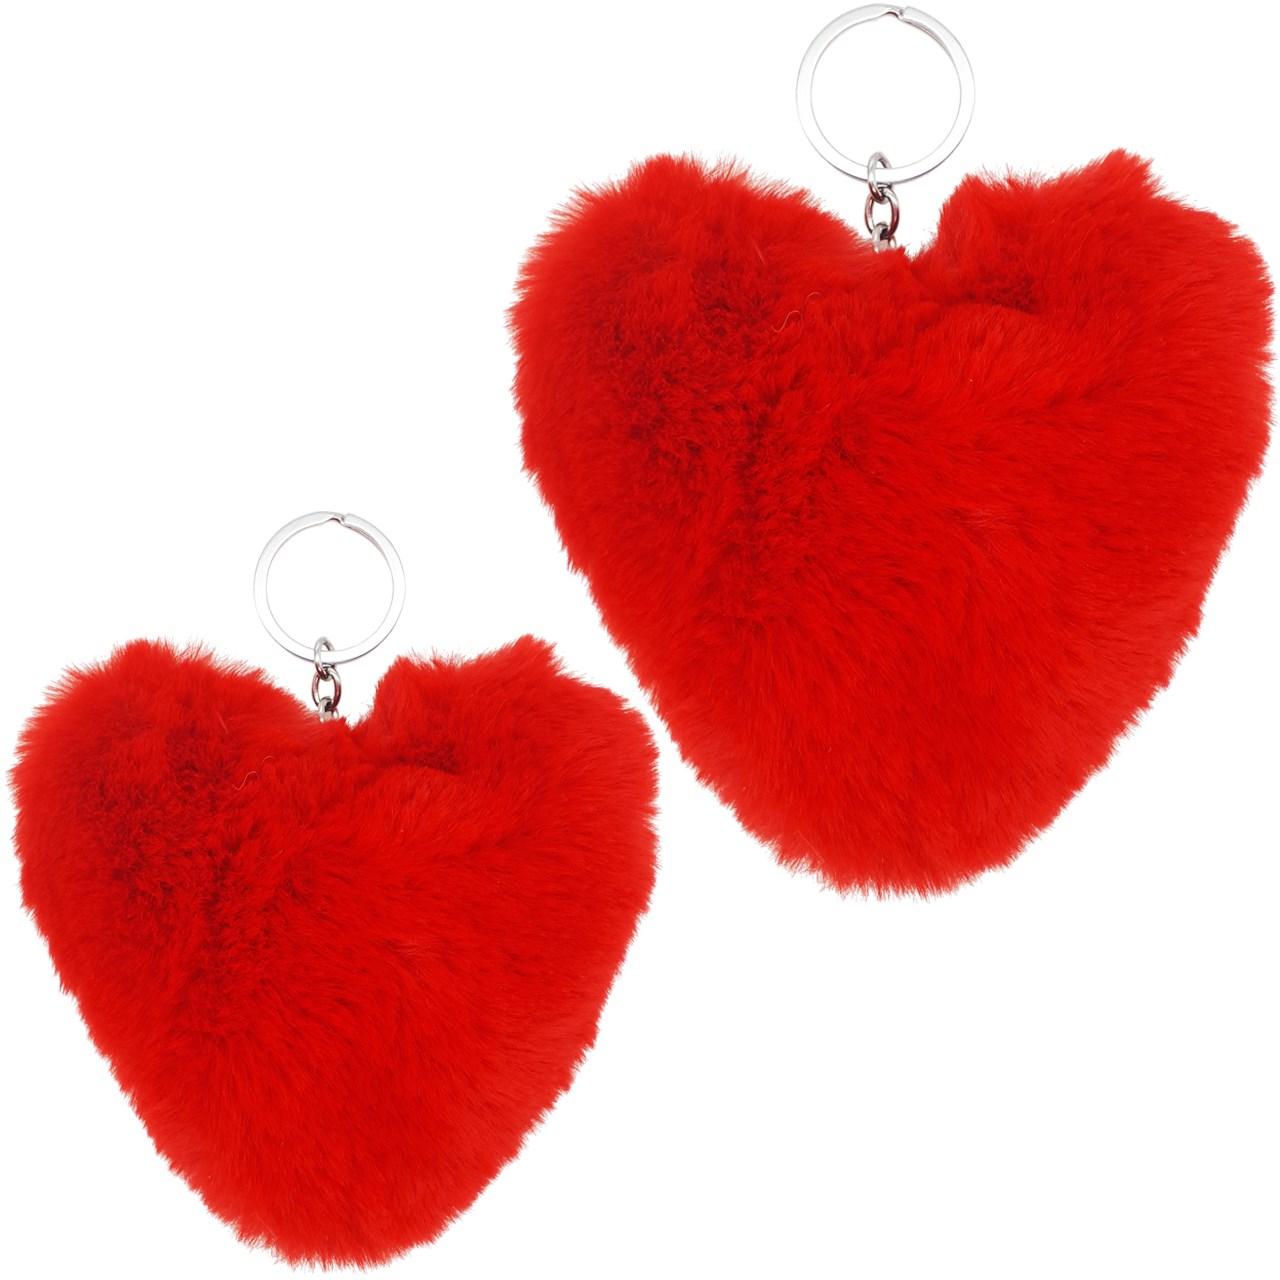 جاسوییچی شهر شیک مدل قلب  JK121-2 بسته دو عددی